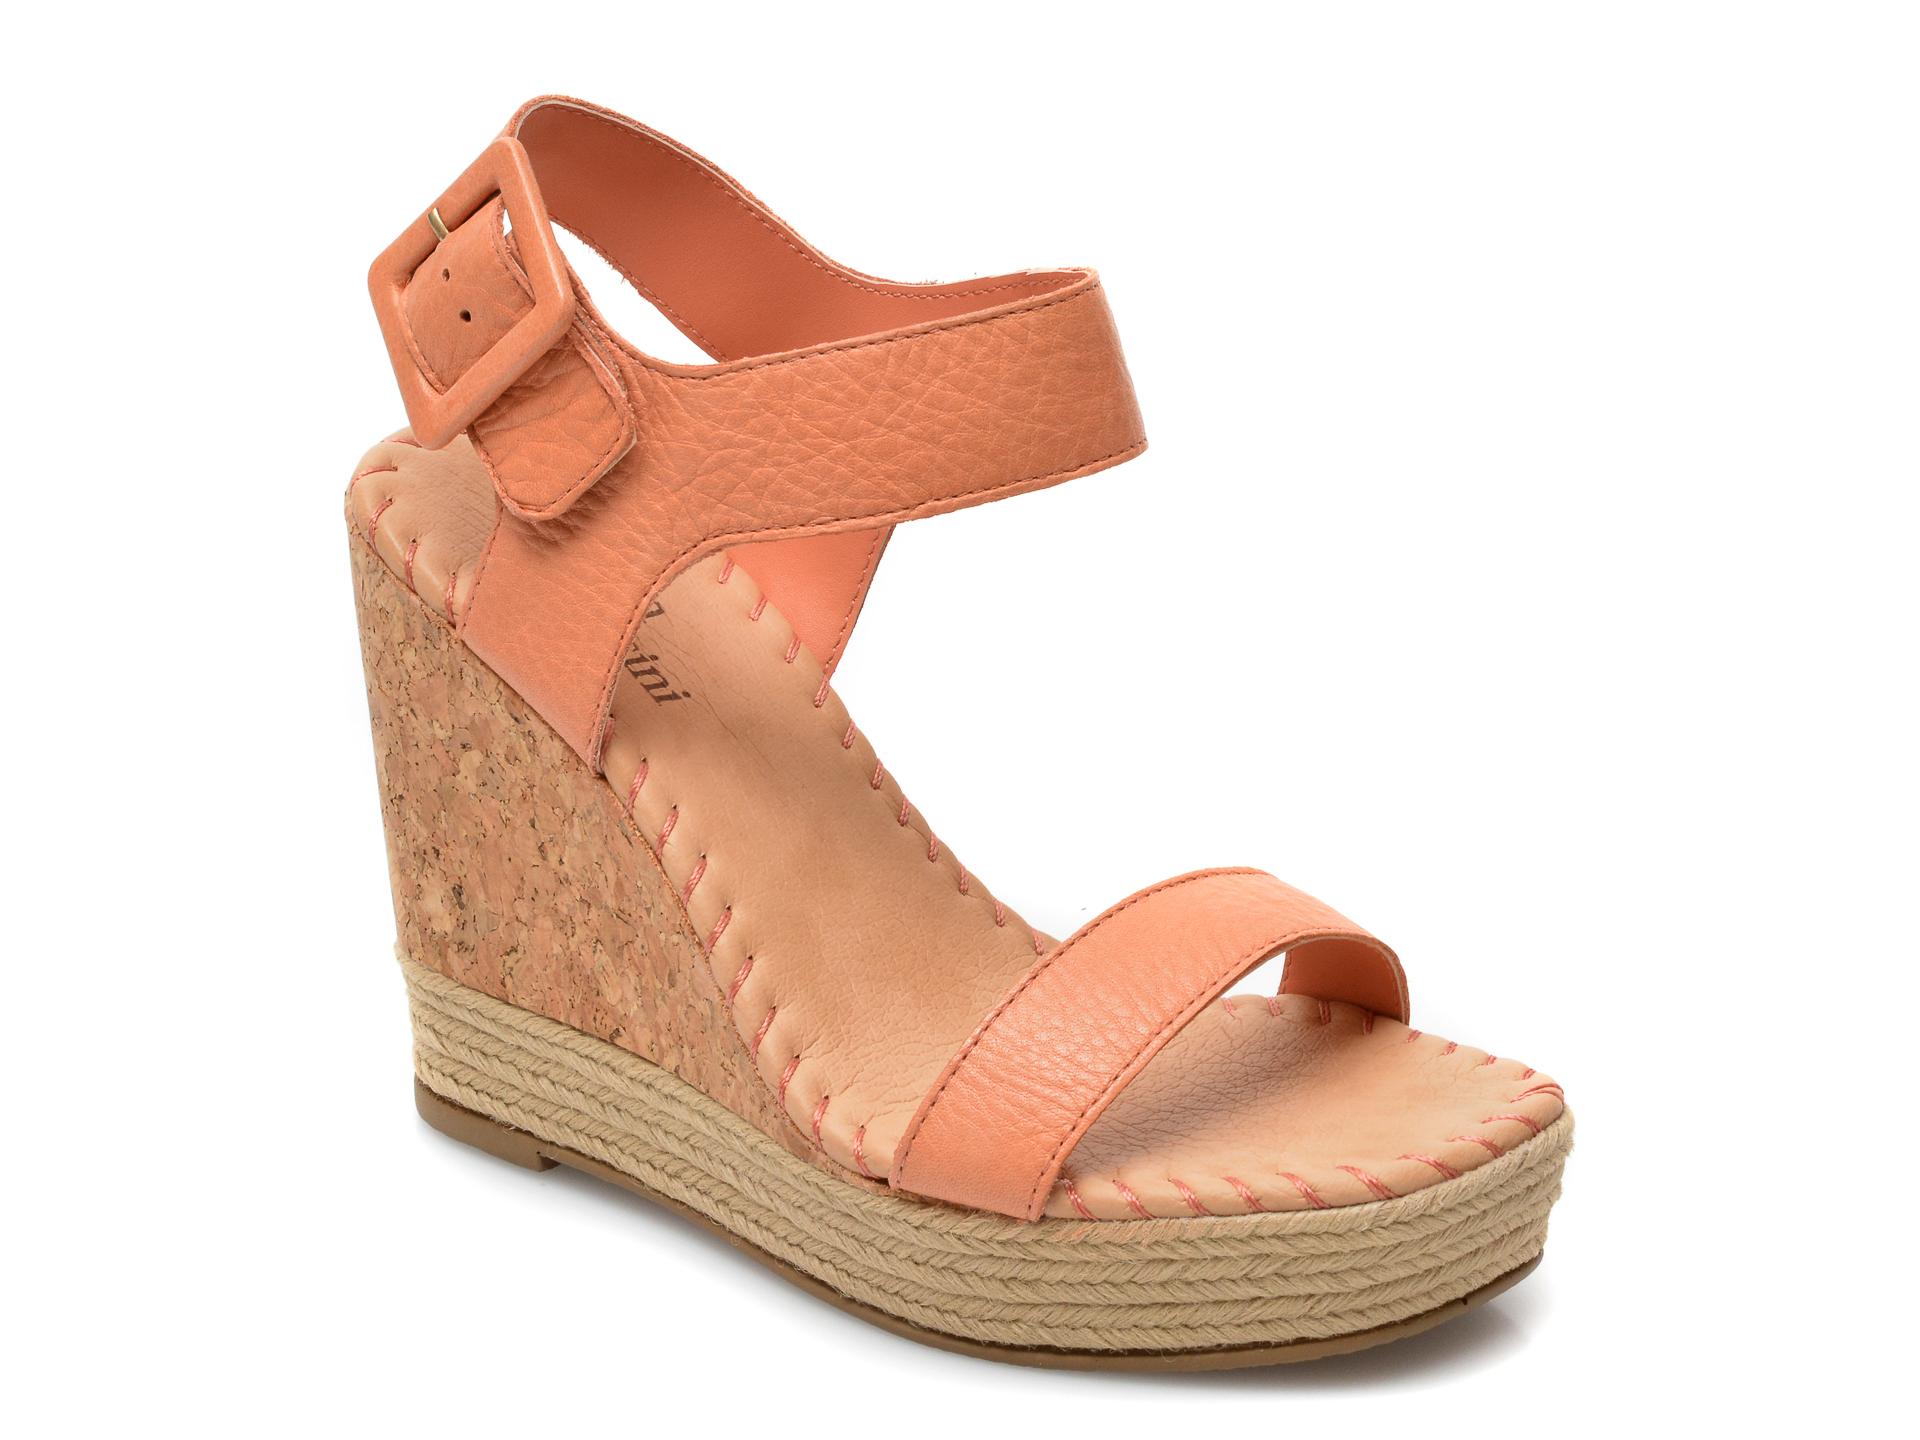 Sandale FLAVIA PASSINI portocalii, 323304, din piele naturala